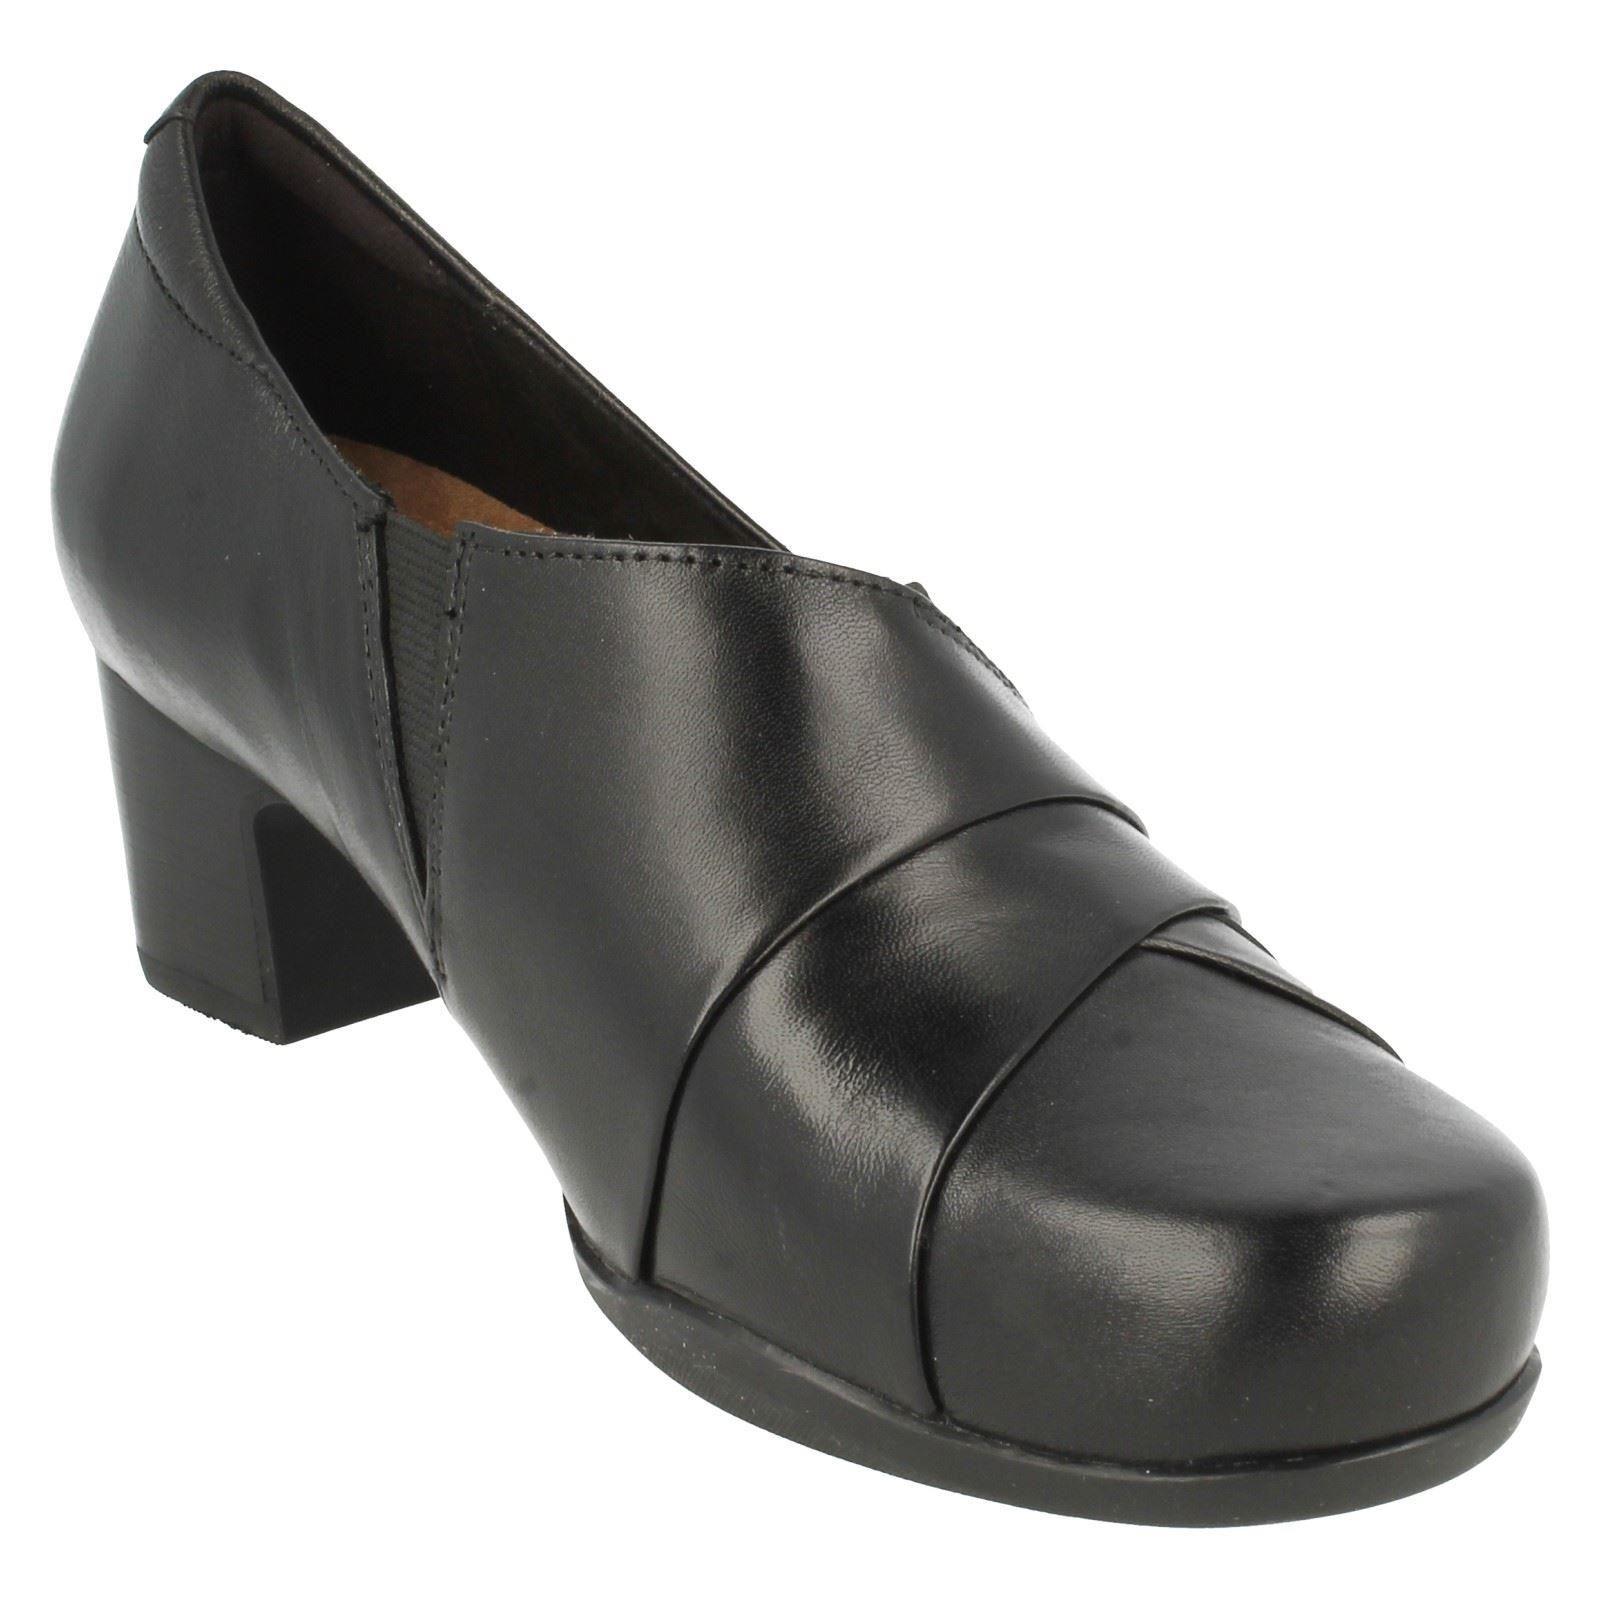 cuero Adele para Zapatos de Clarks Rosalyn negro damas qx6R8wnP